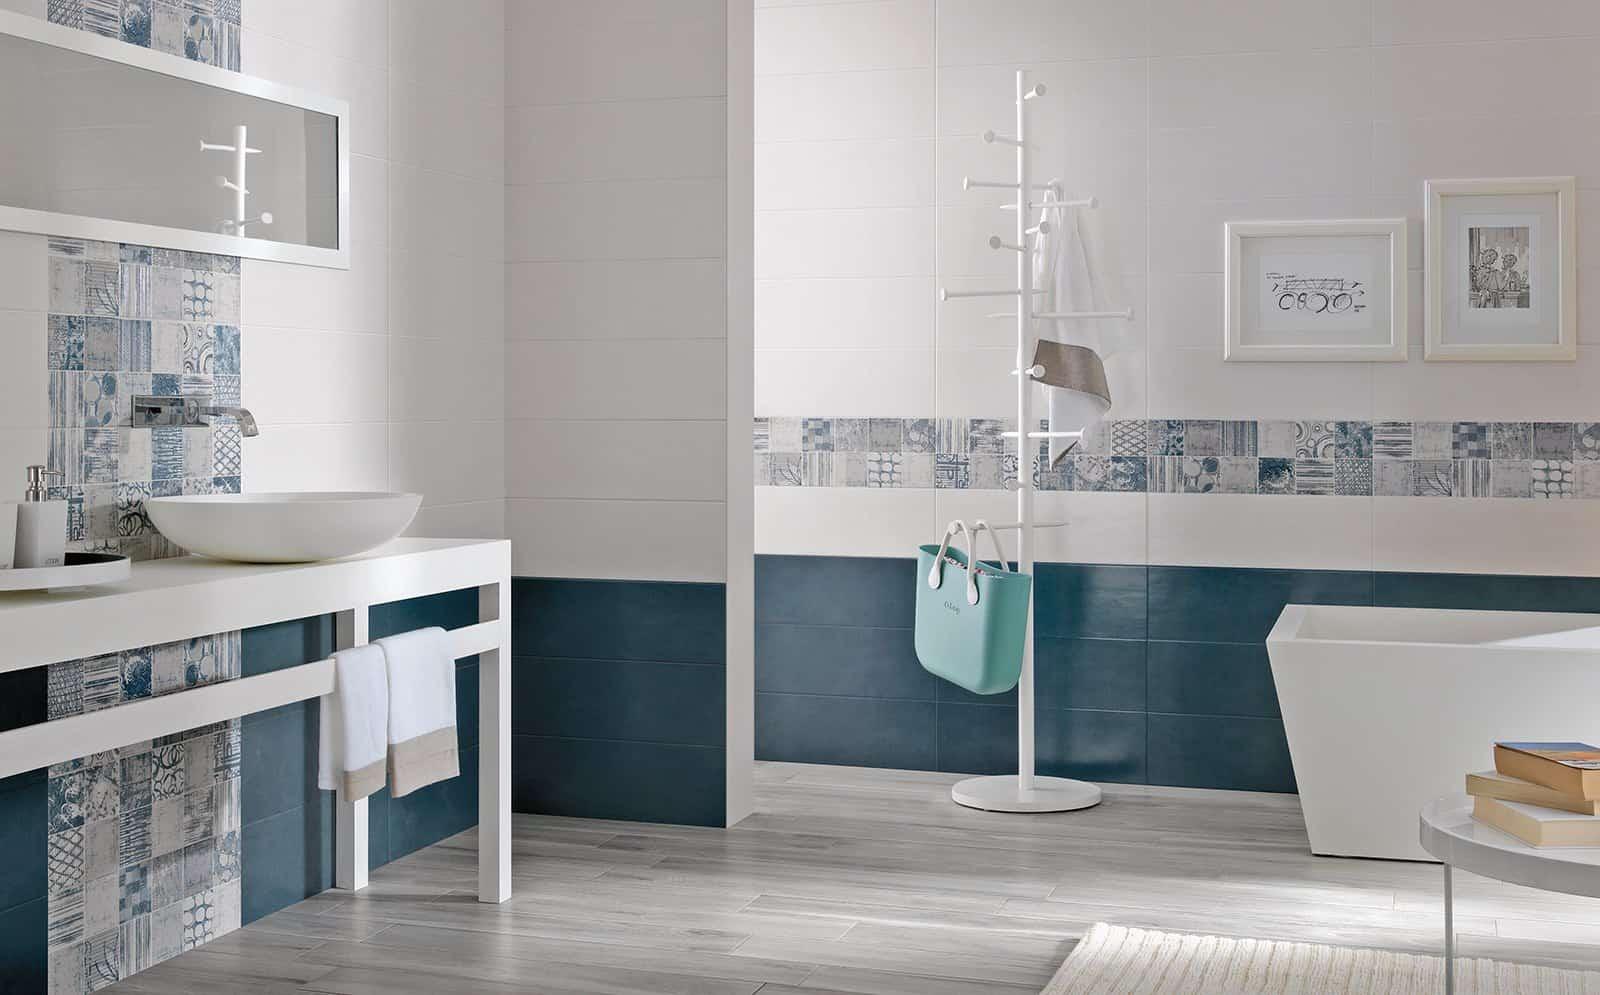 Serie soul pavimenti e rivestimenti musis - Piastrelle bagno legno ...